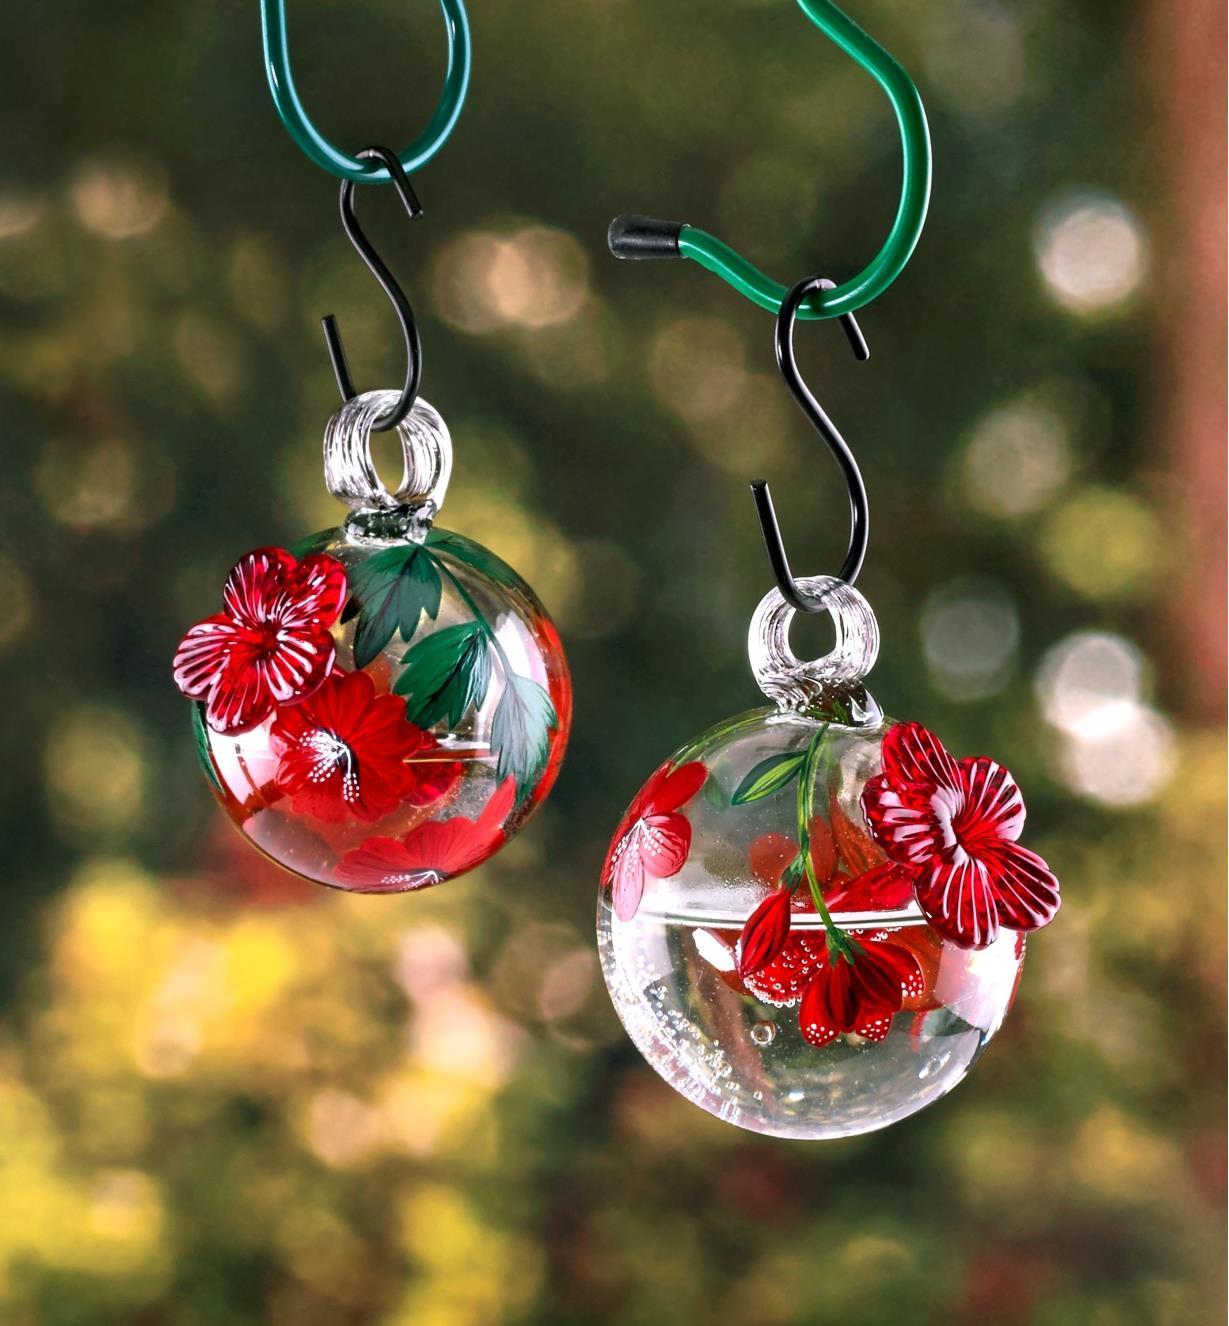 Deux abreuvoirs à colibri suspendus dans une cour